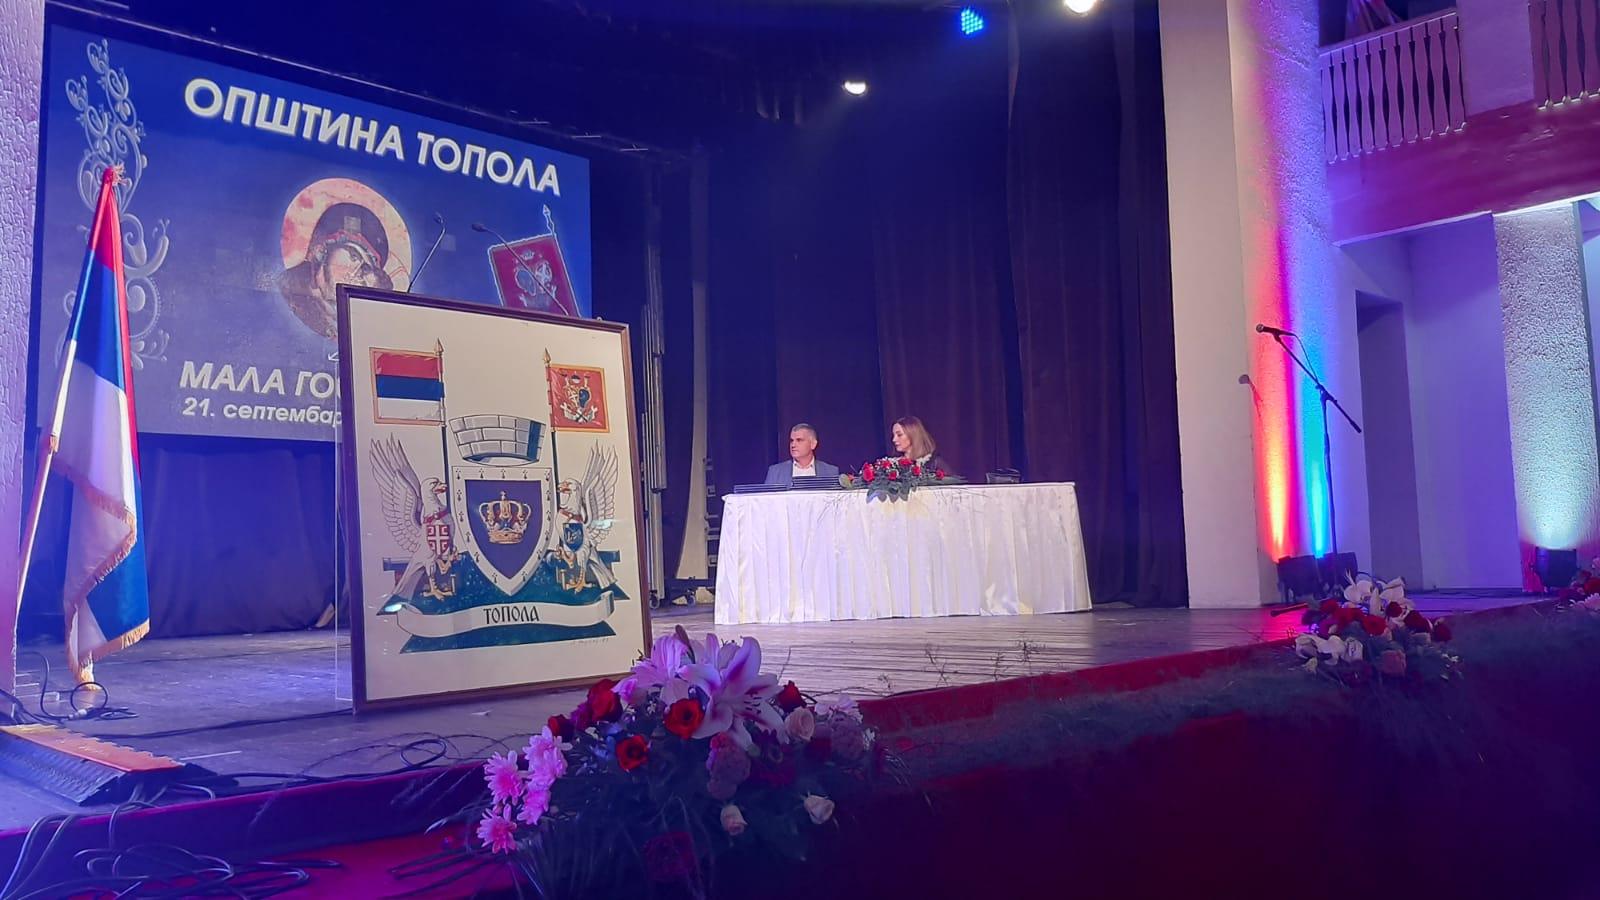 Општина Топола обележила свој дан и црквену славу, уручене повеље и захвалнице најзаслужнијим грађанима (ФОТО)